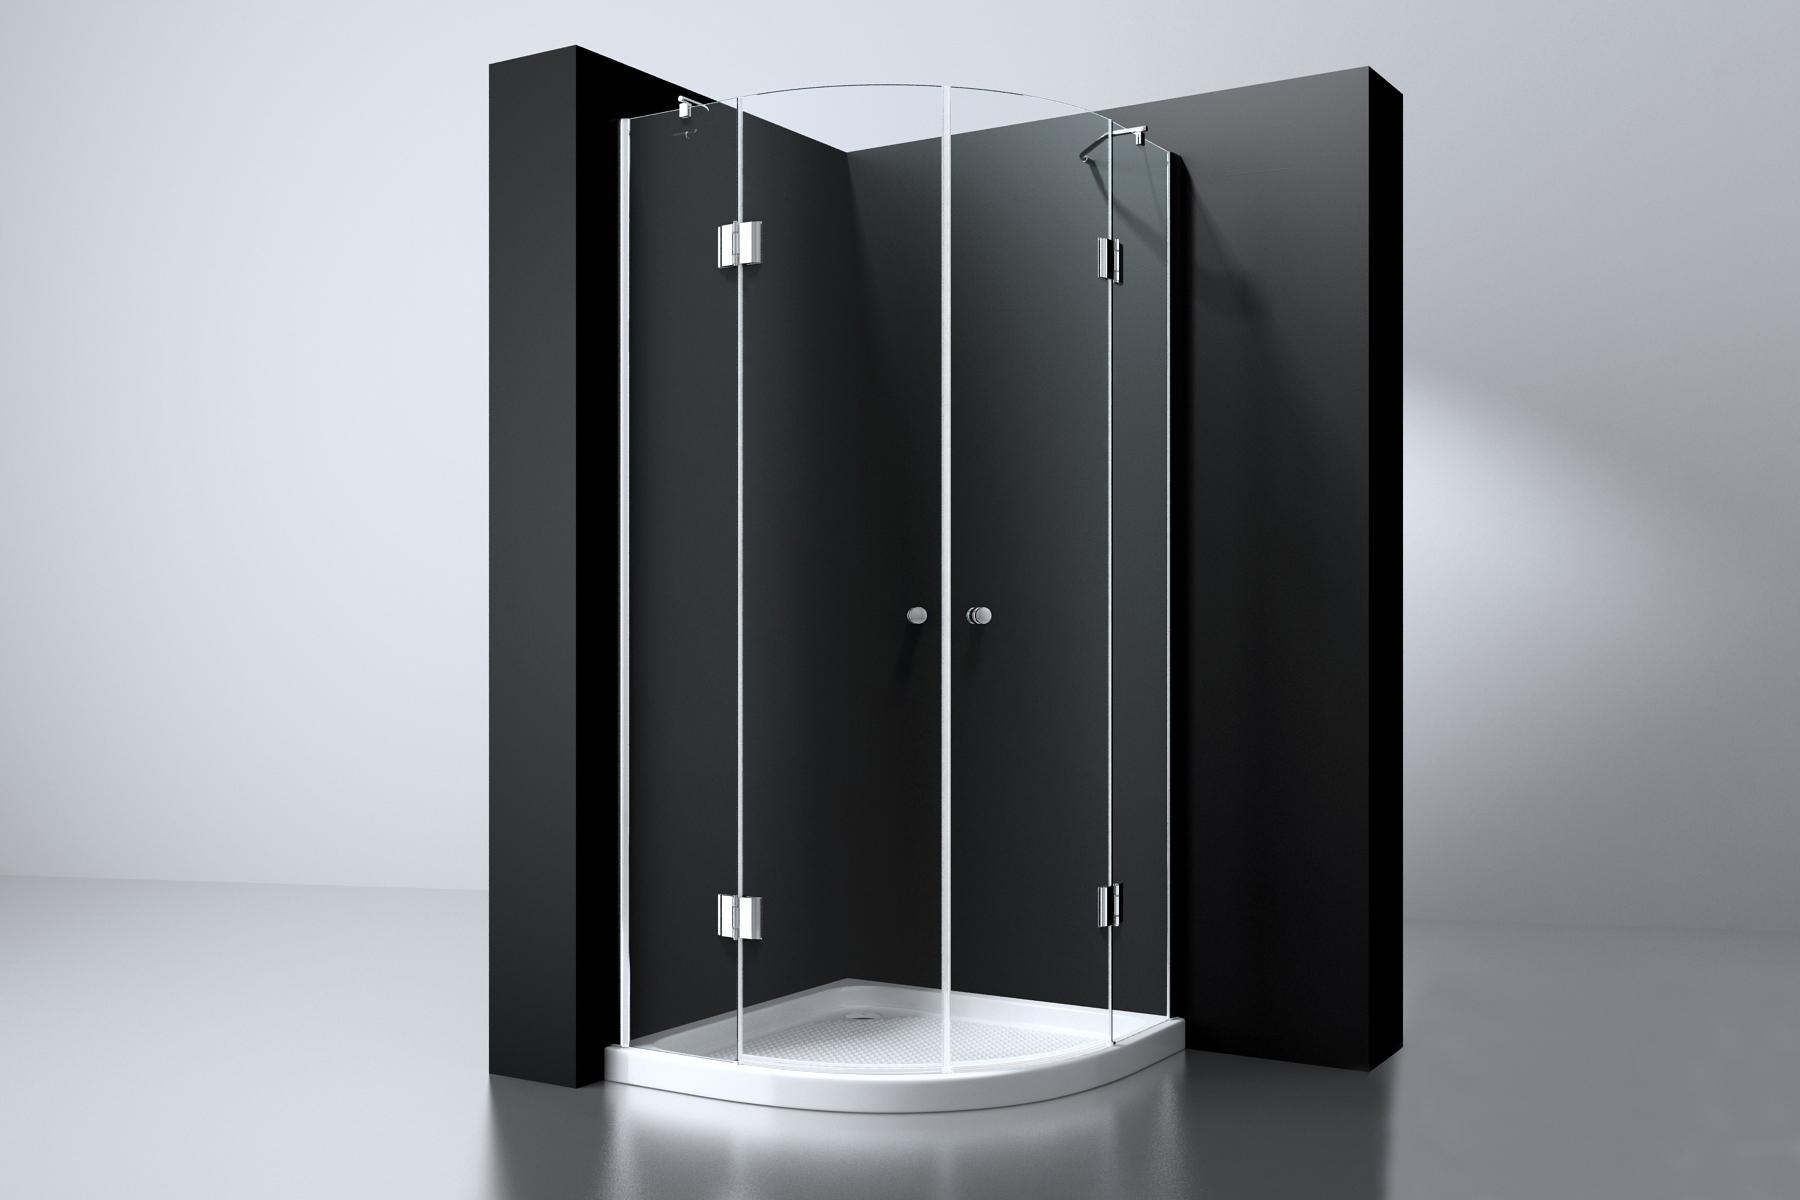 Douchecabine 2 Deuren.Best Design Erico 1 4 Rond Douchecabine Met 2 Deuren 90x90x192cm